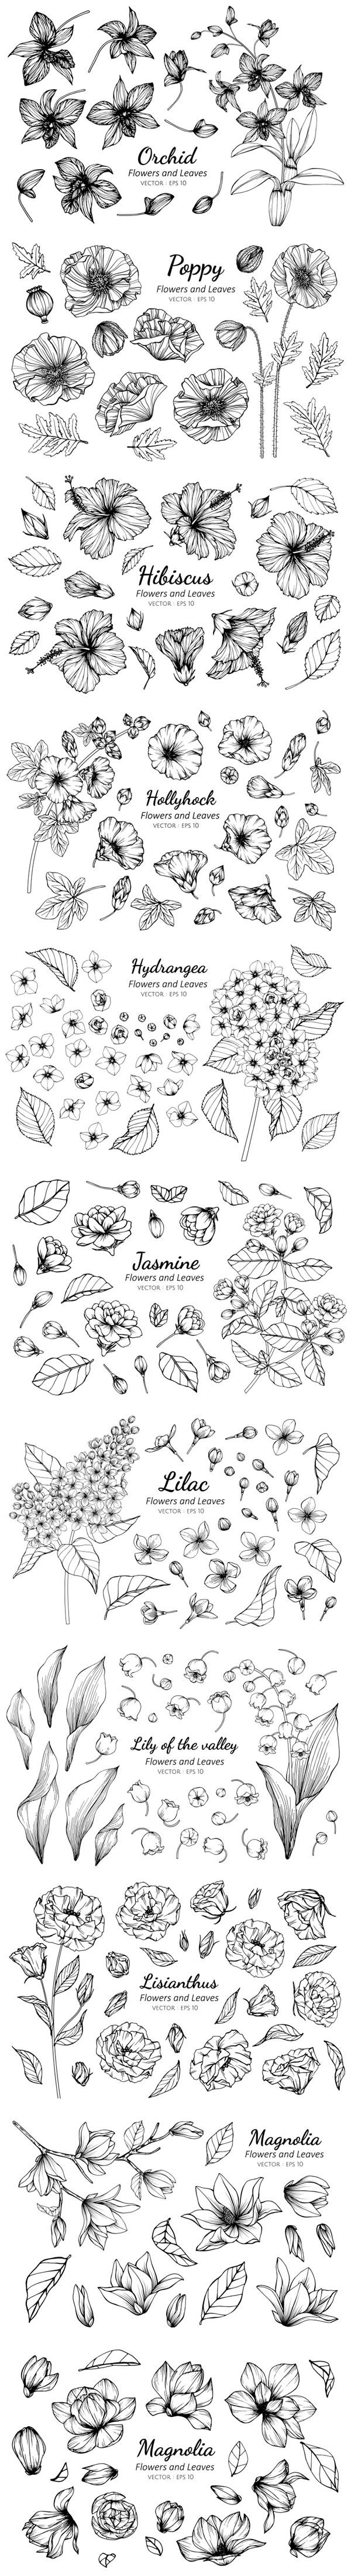 黑白素描植物插画